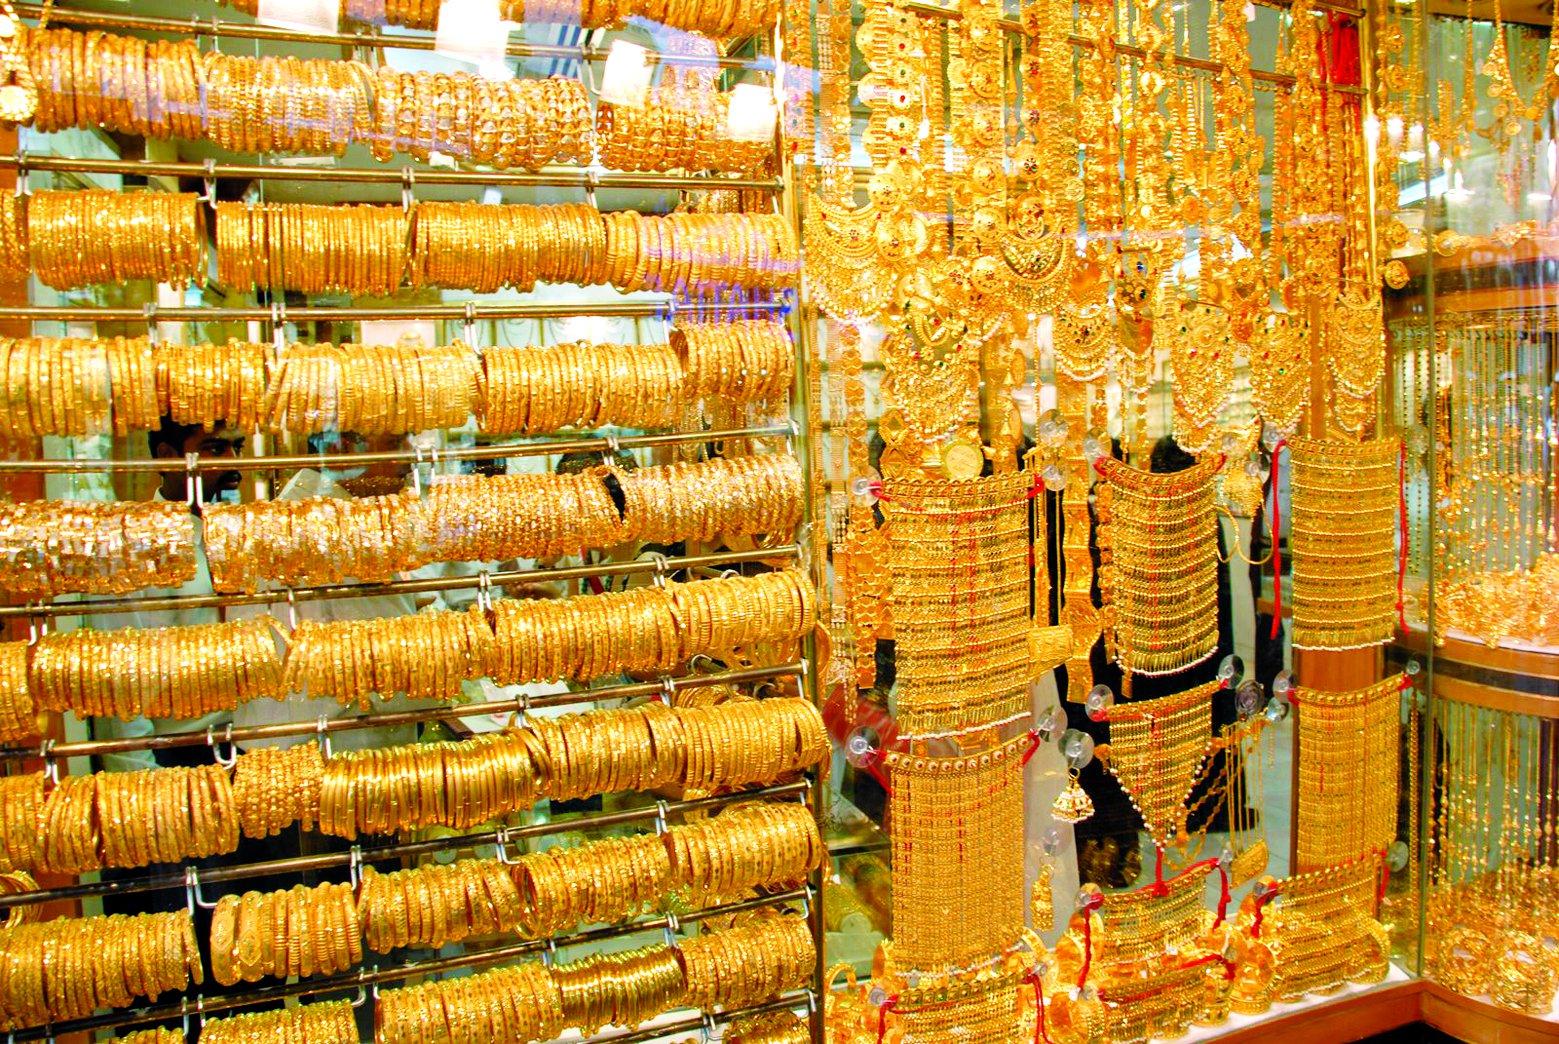 إستقرار أسعار الذهب اليوم الثلاثاء 19-5-2020 في محلات الصاغة في مصر